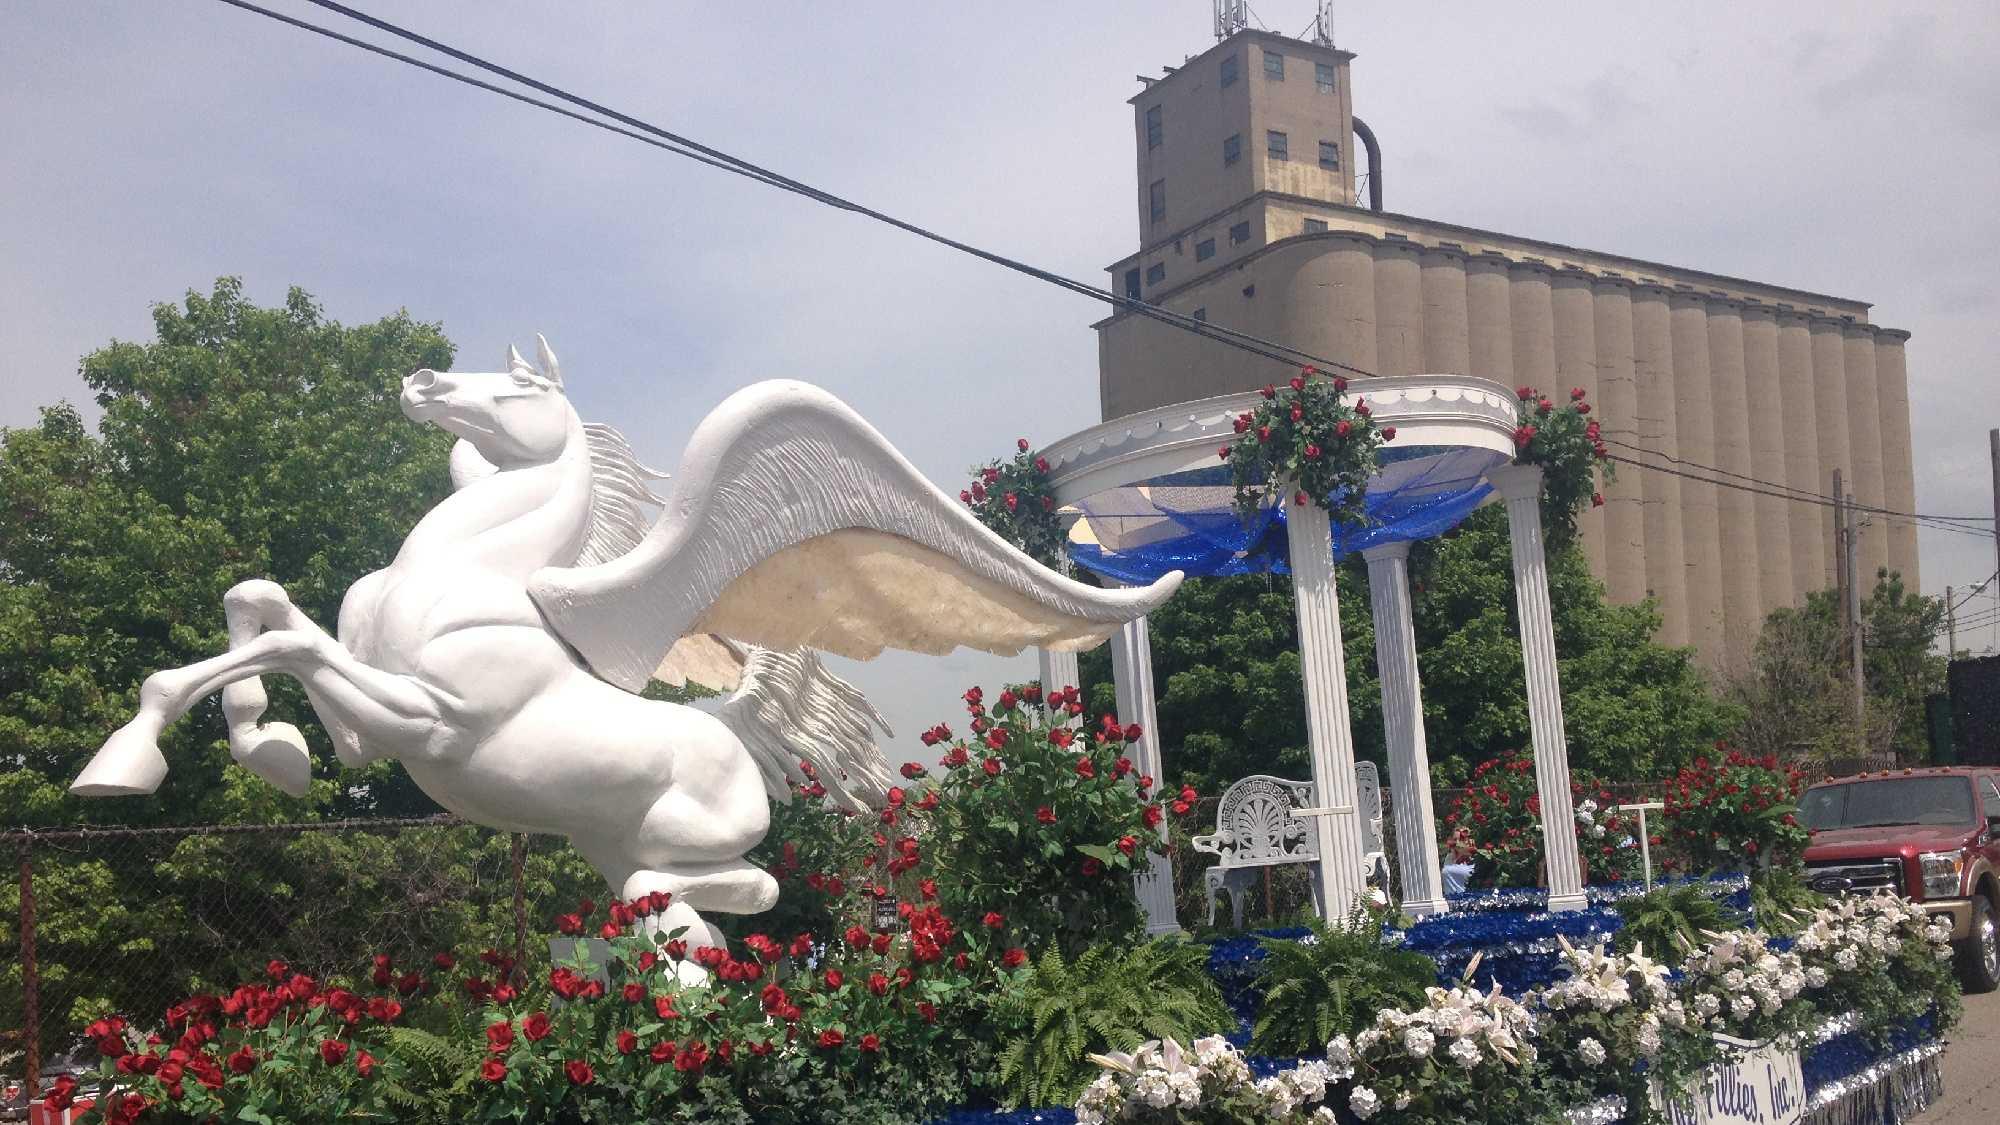 Pegasus Parade 69